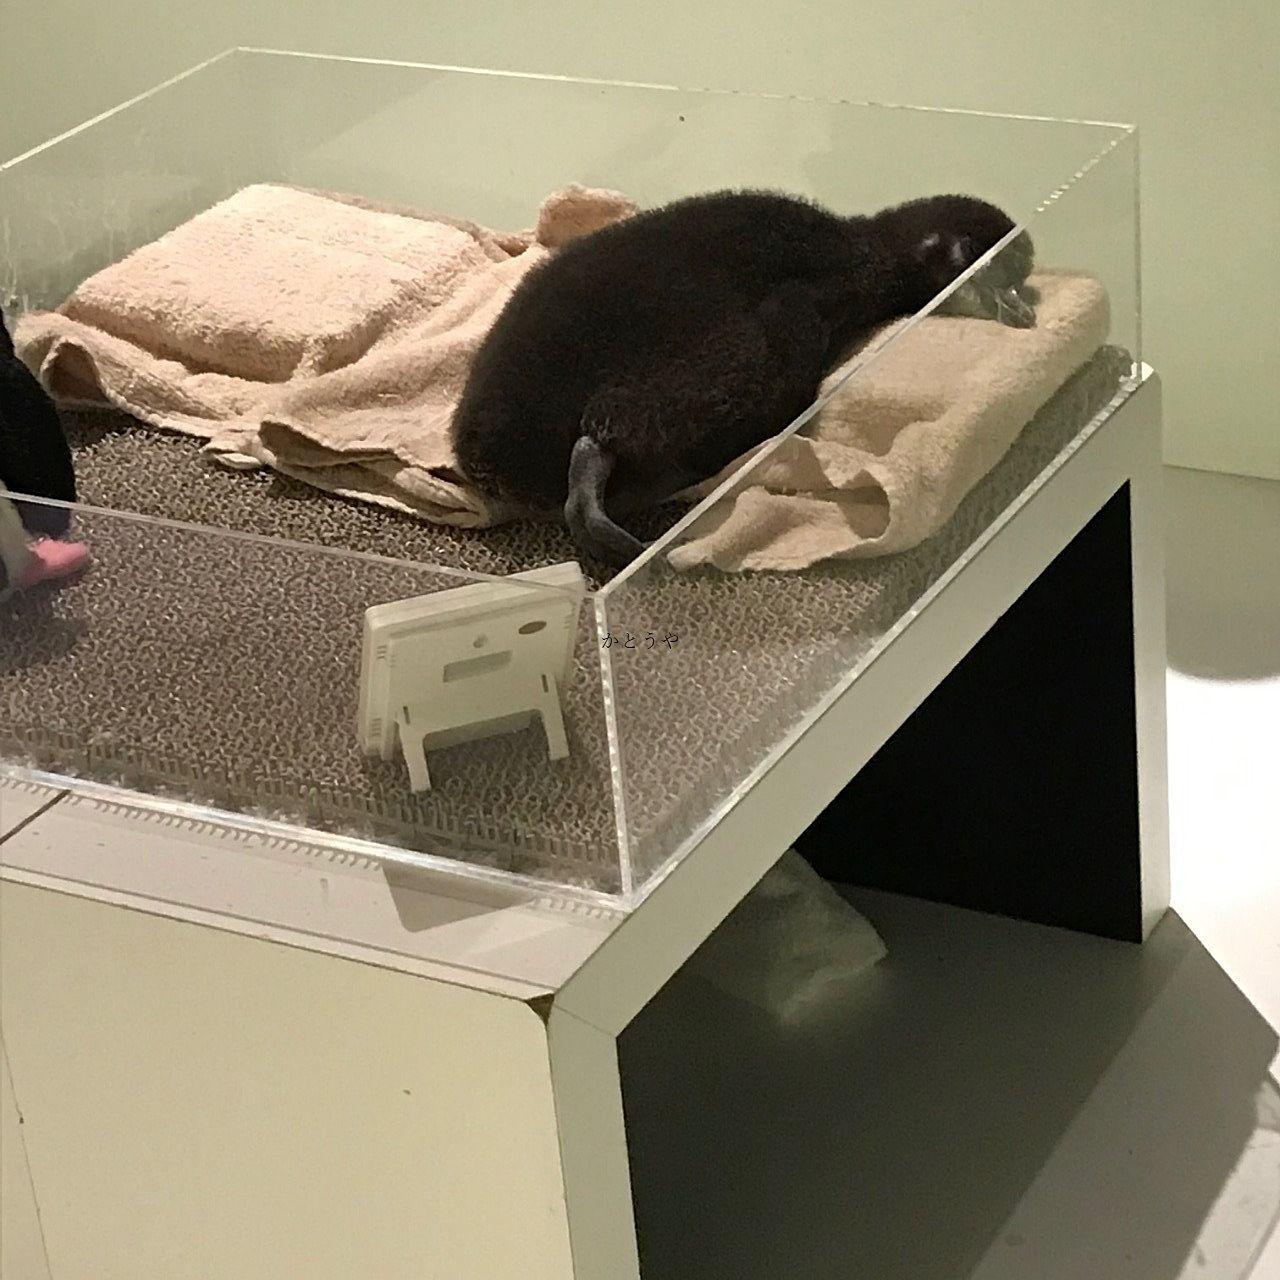 すみだ水族館で6/23まで会える赤ちゃんペンギンです。